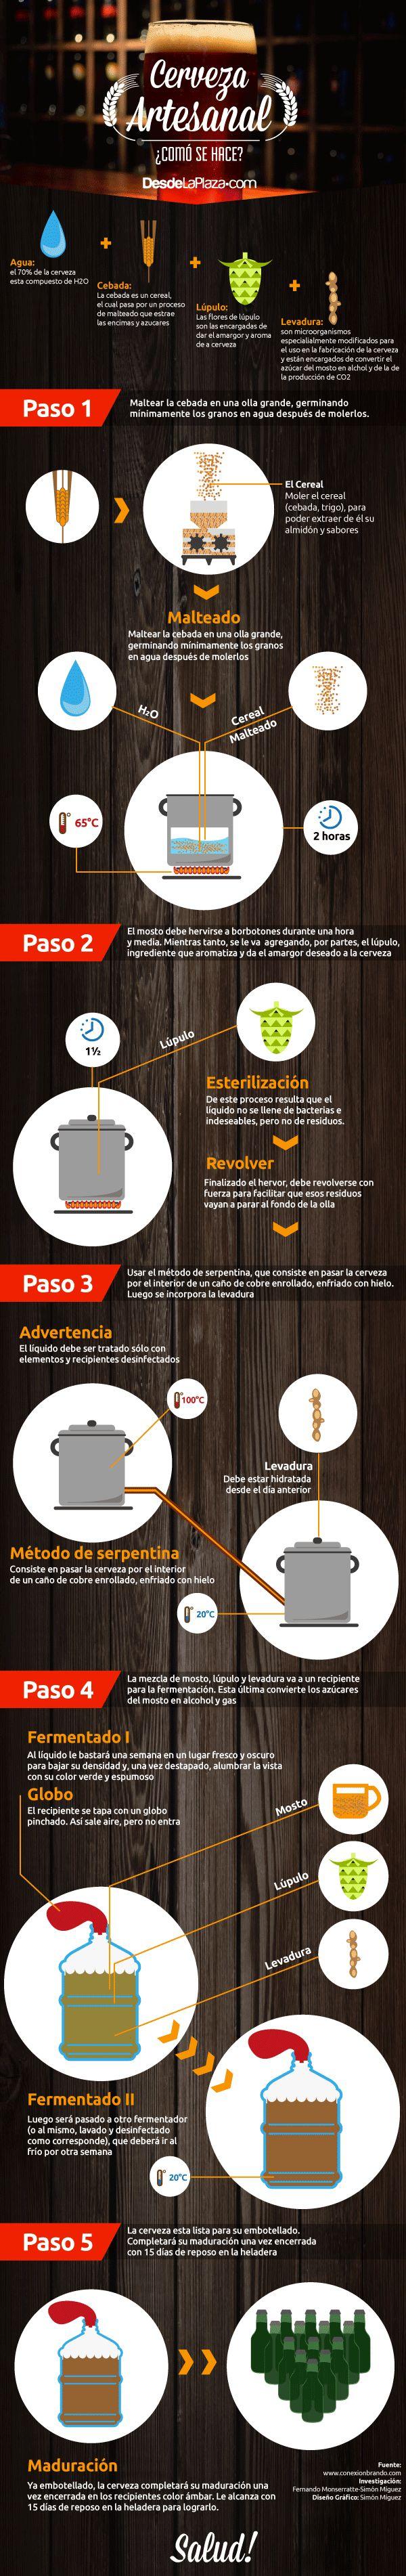 Infografía del proceso de elavoración de la cerveza artesanal